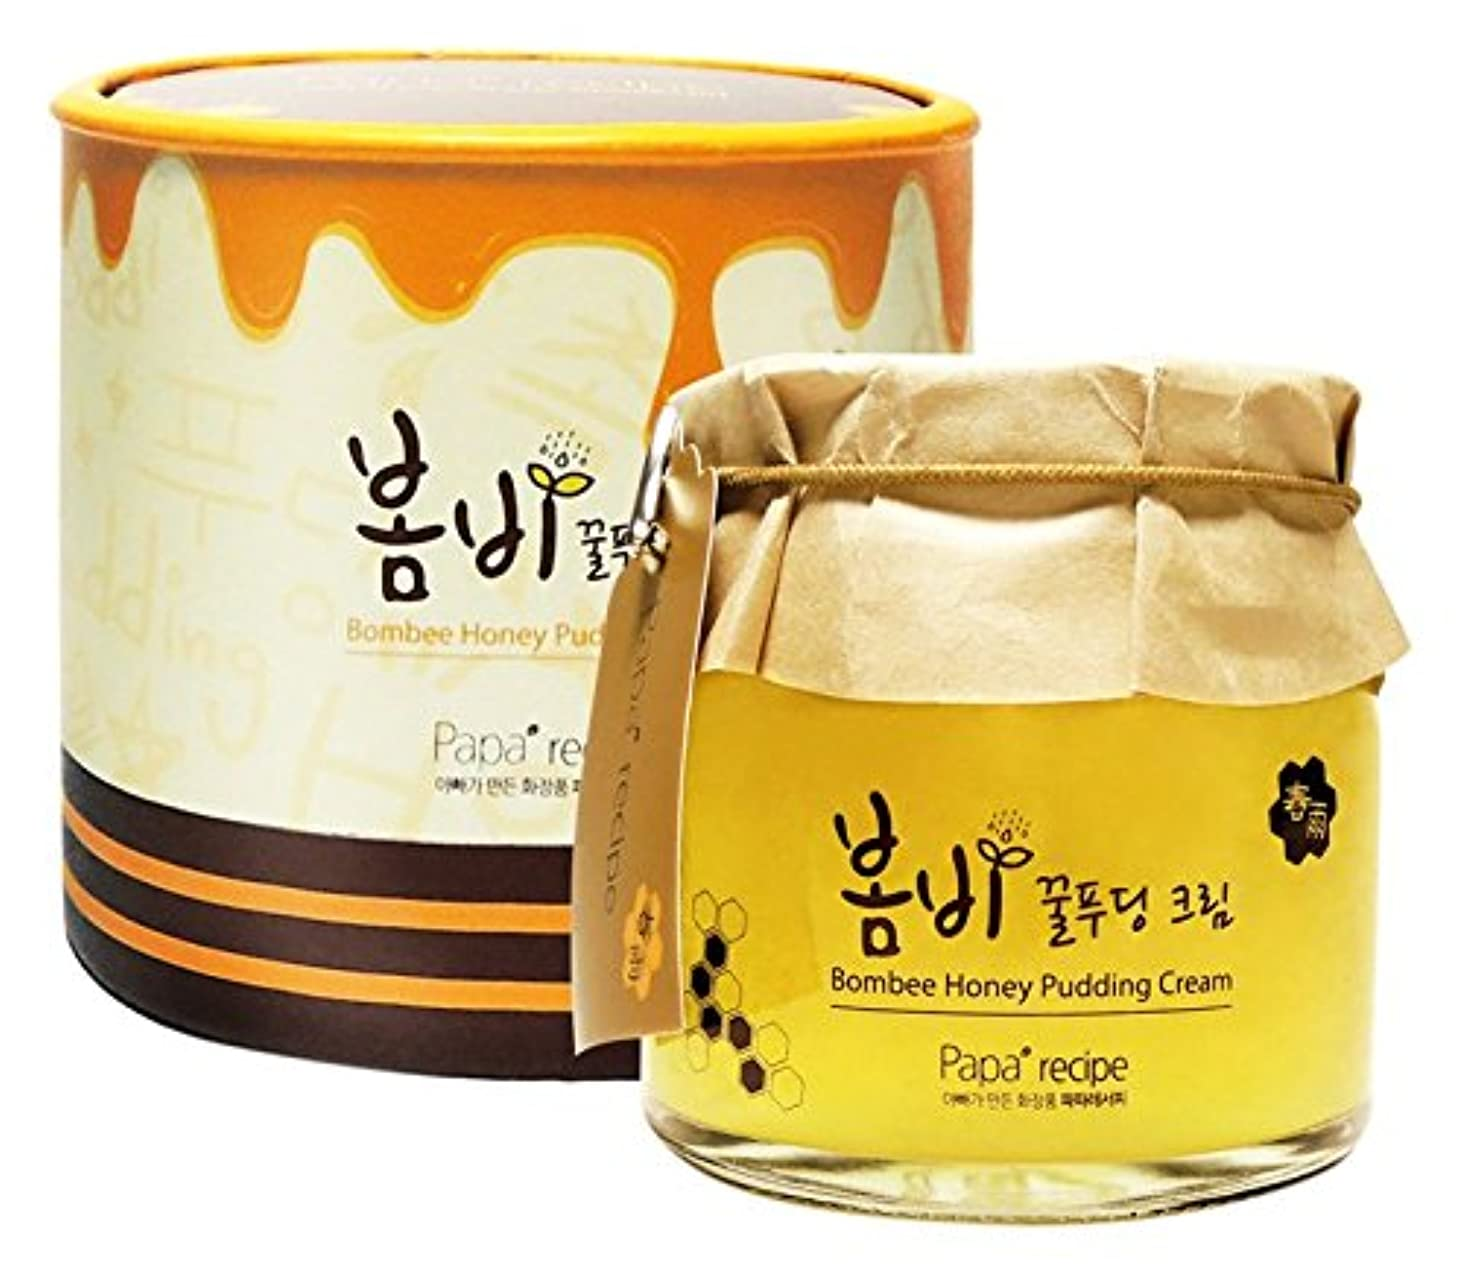 経験者定期的な平均Papa recipe Bombee Honey Pudding Cream 135ml/パパレシピ ボムビー ハニー プリン クリーム 135ml